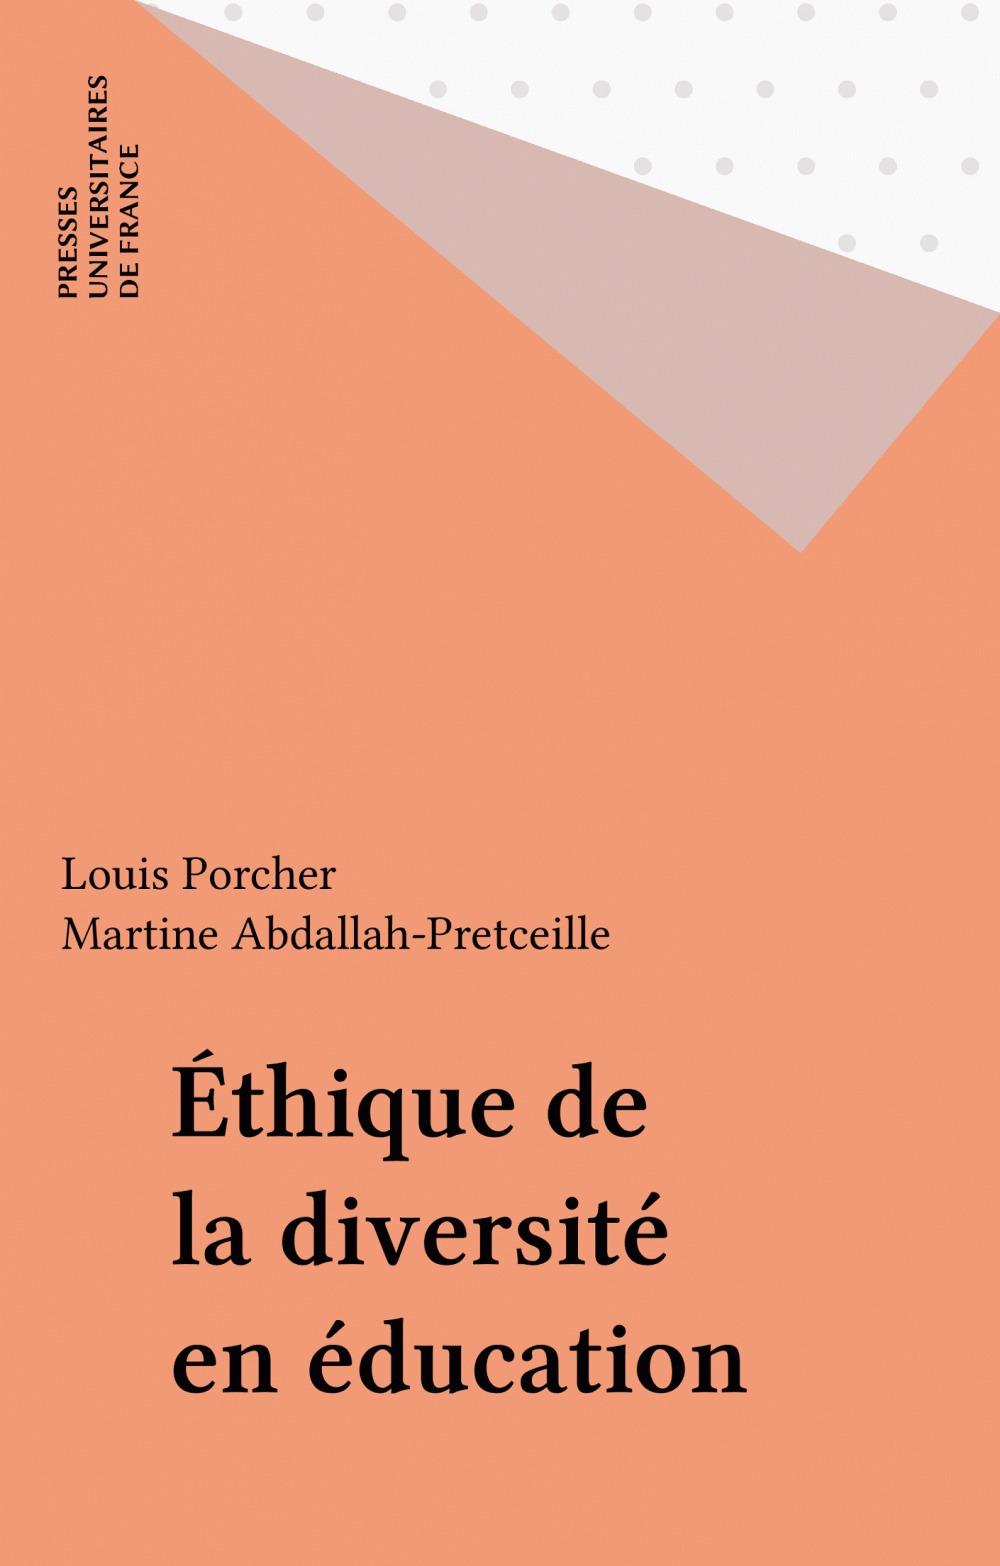 éthique de la diversité et éducation